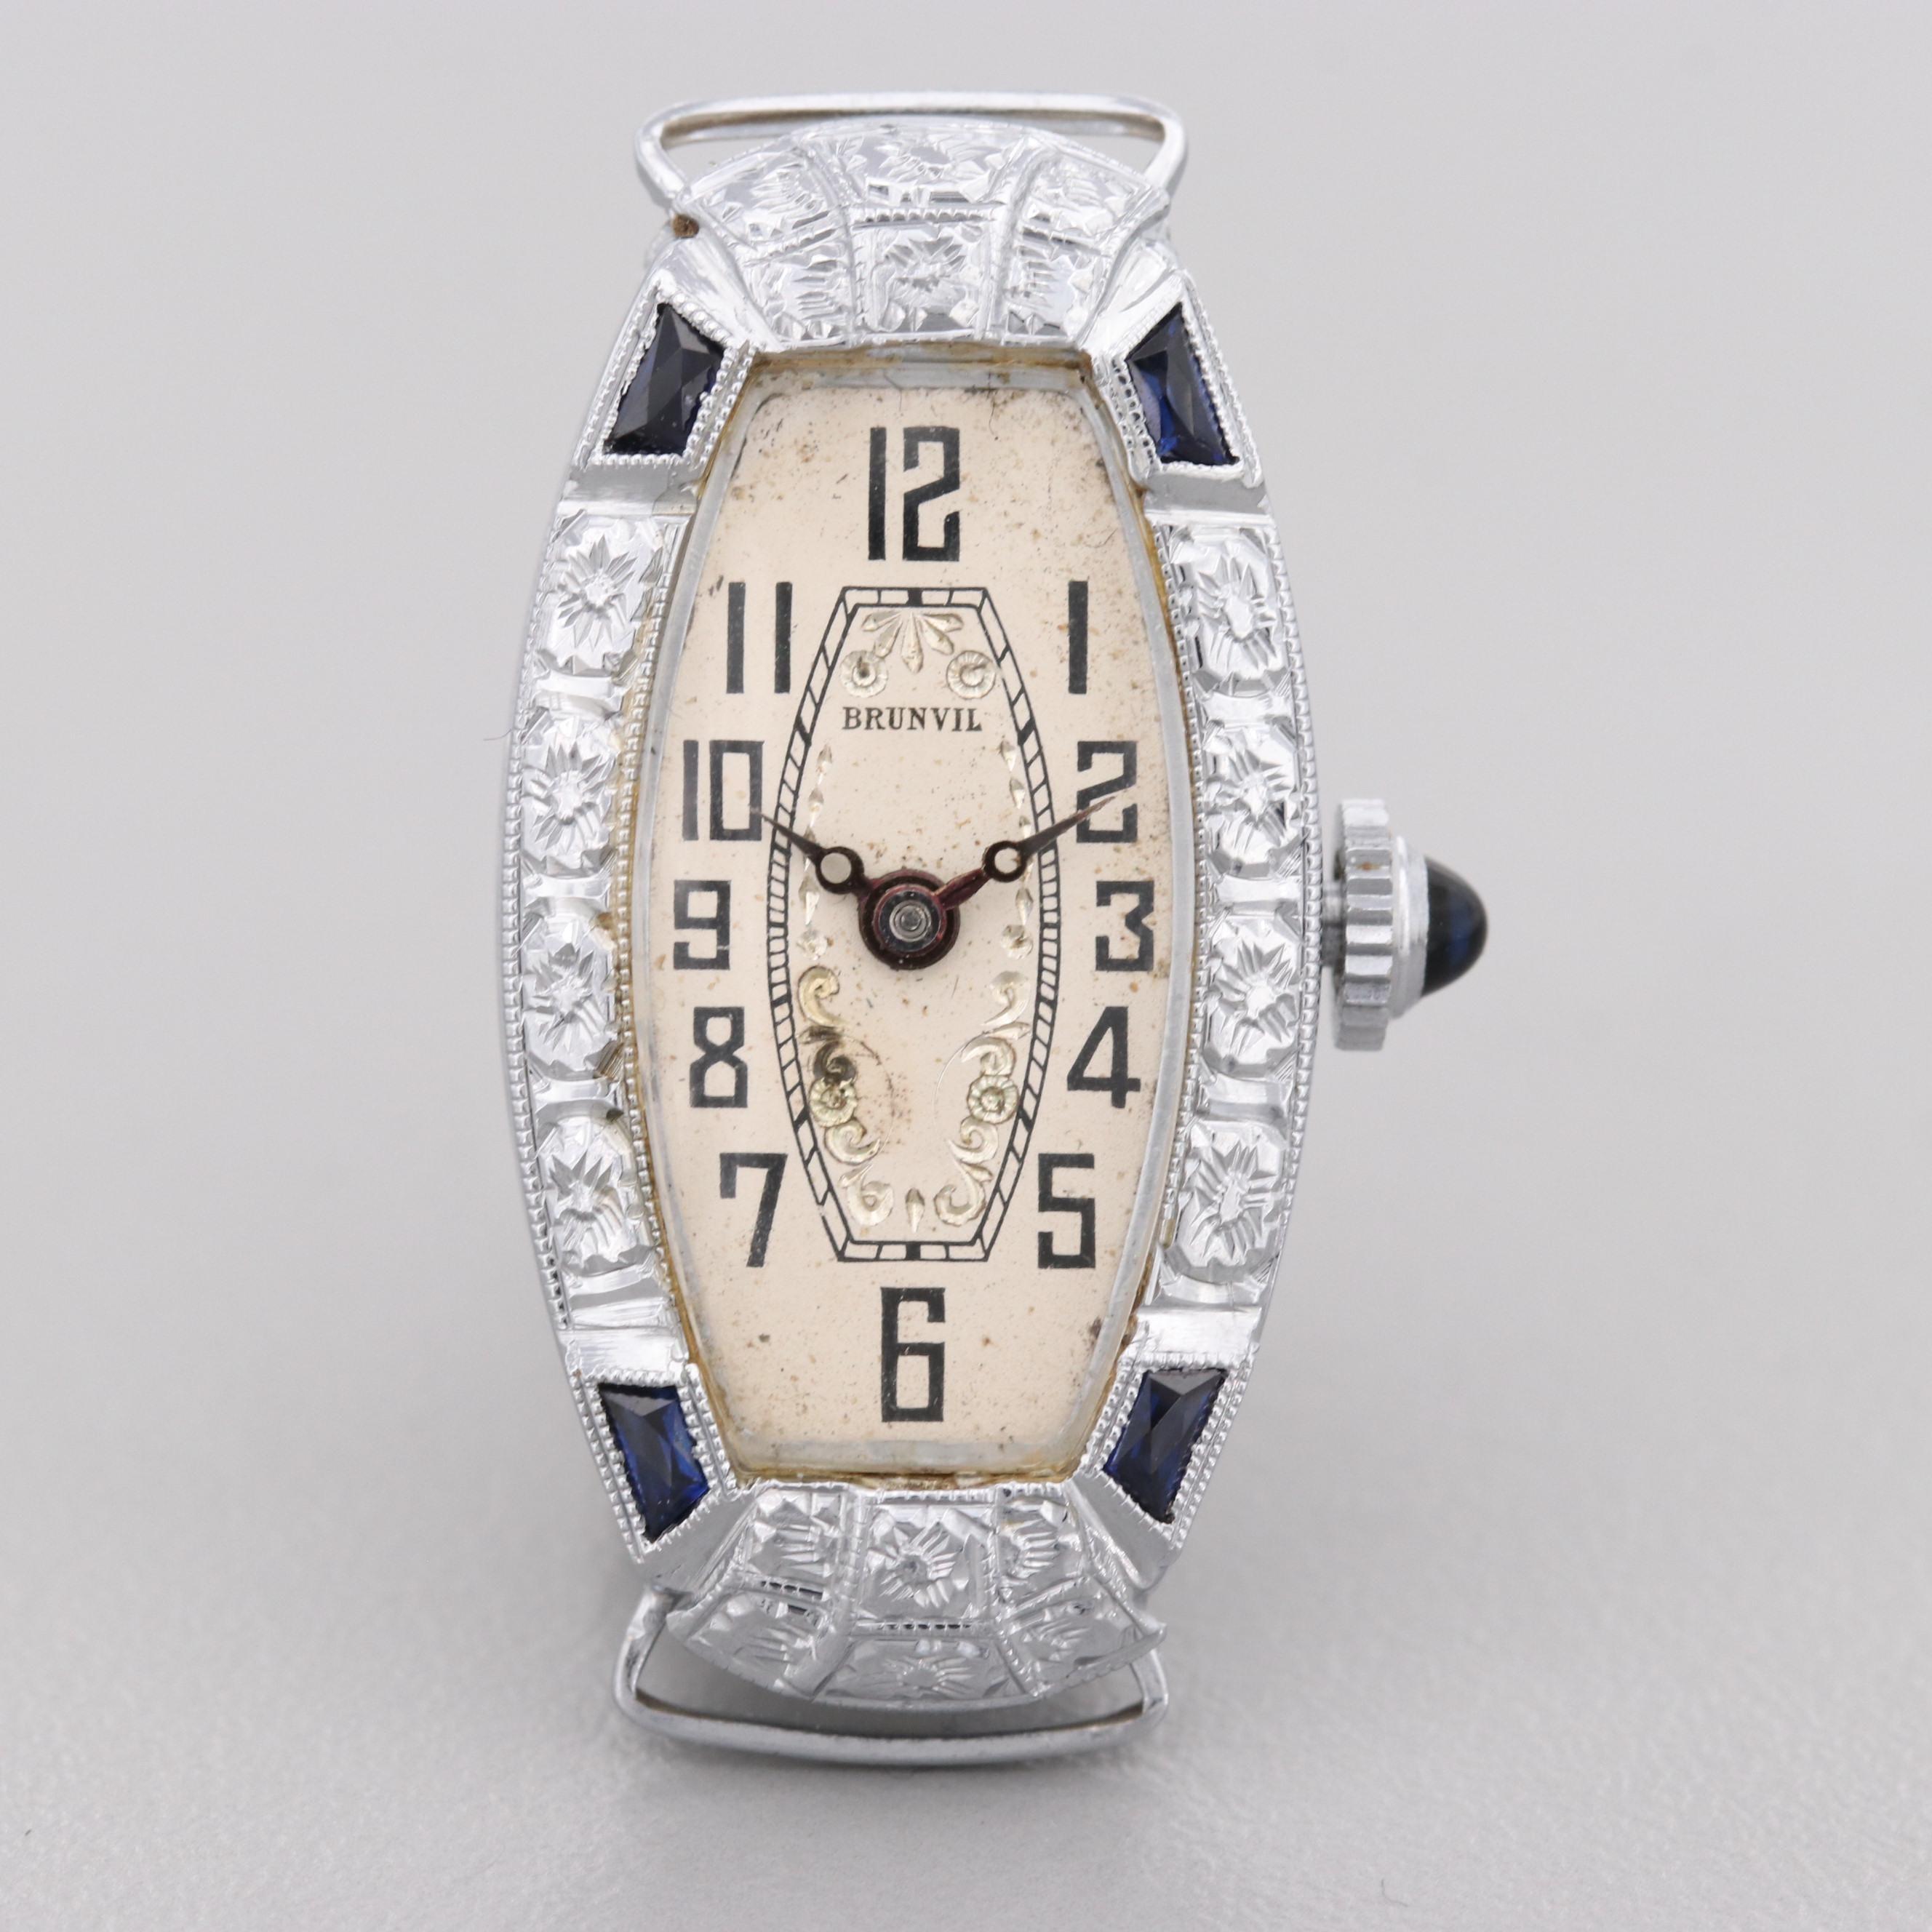 Vintage Bruniul 14K White Gold Stem Wind Wristwatch